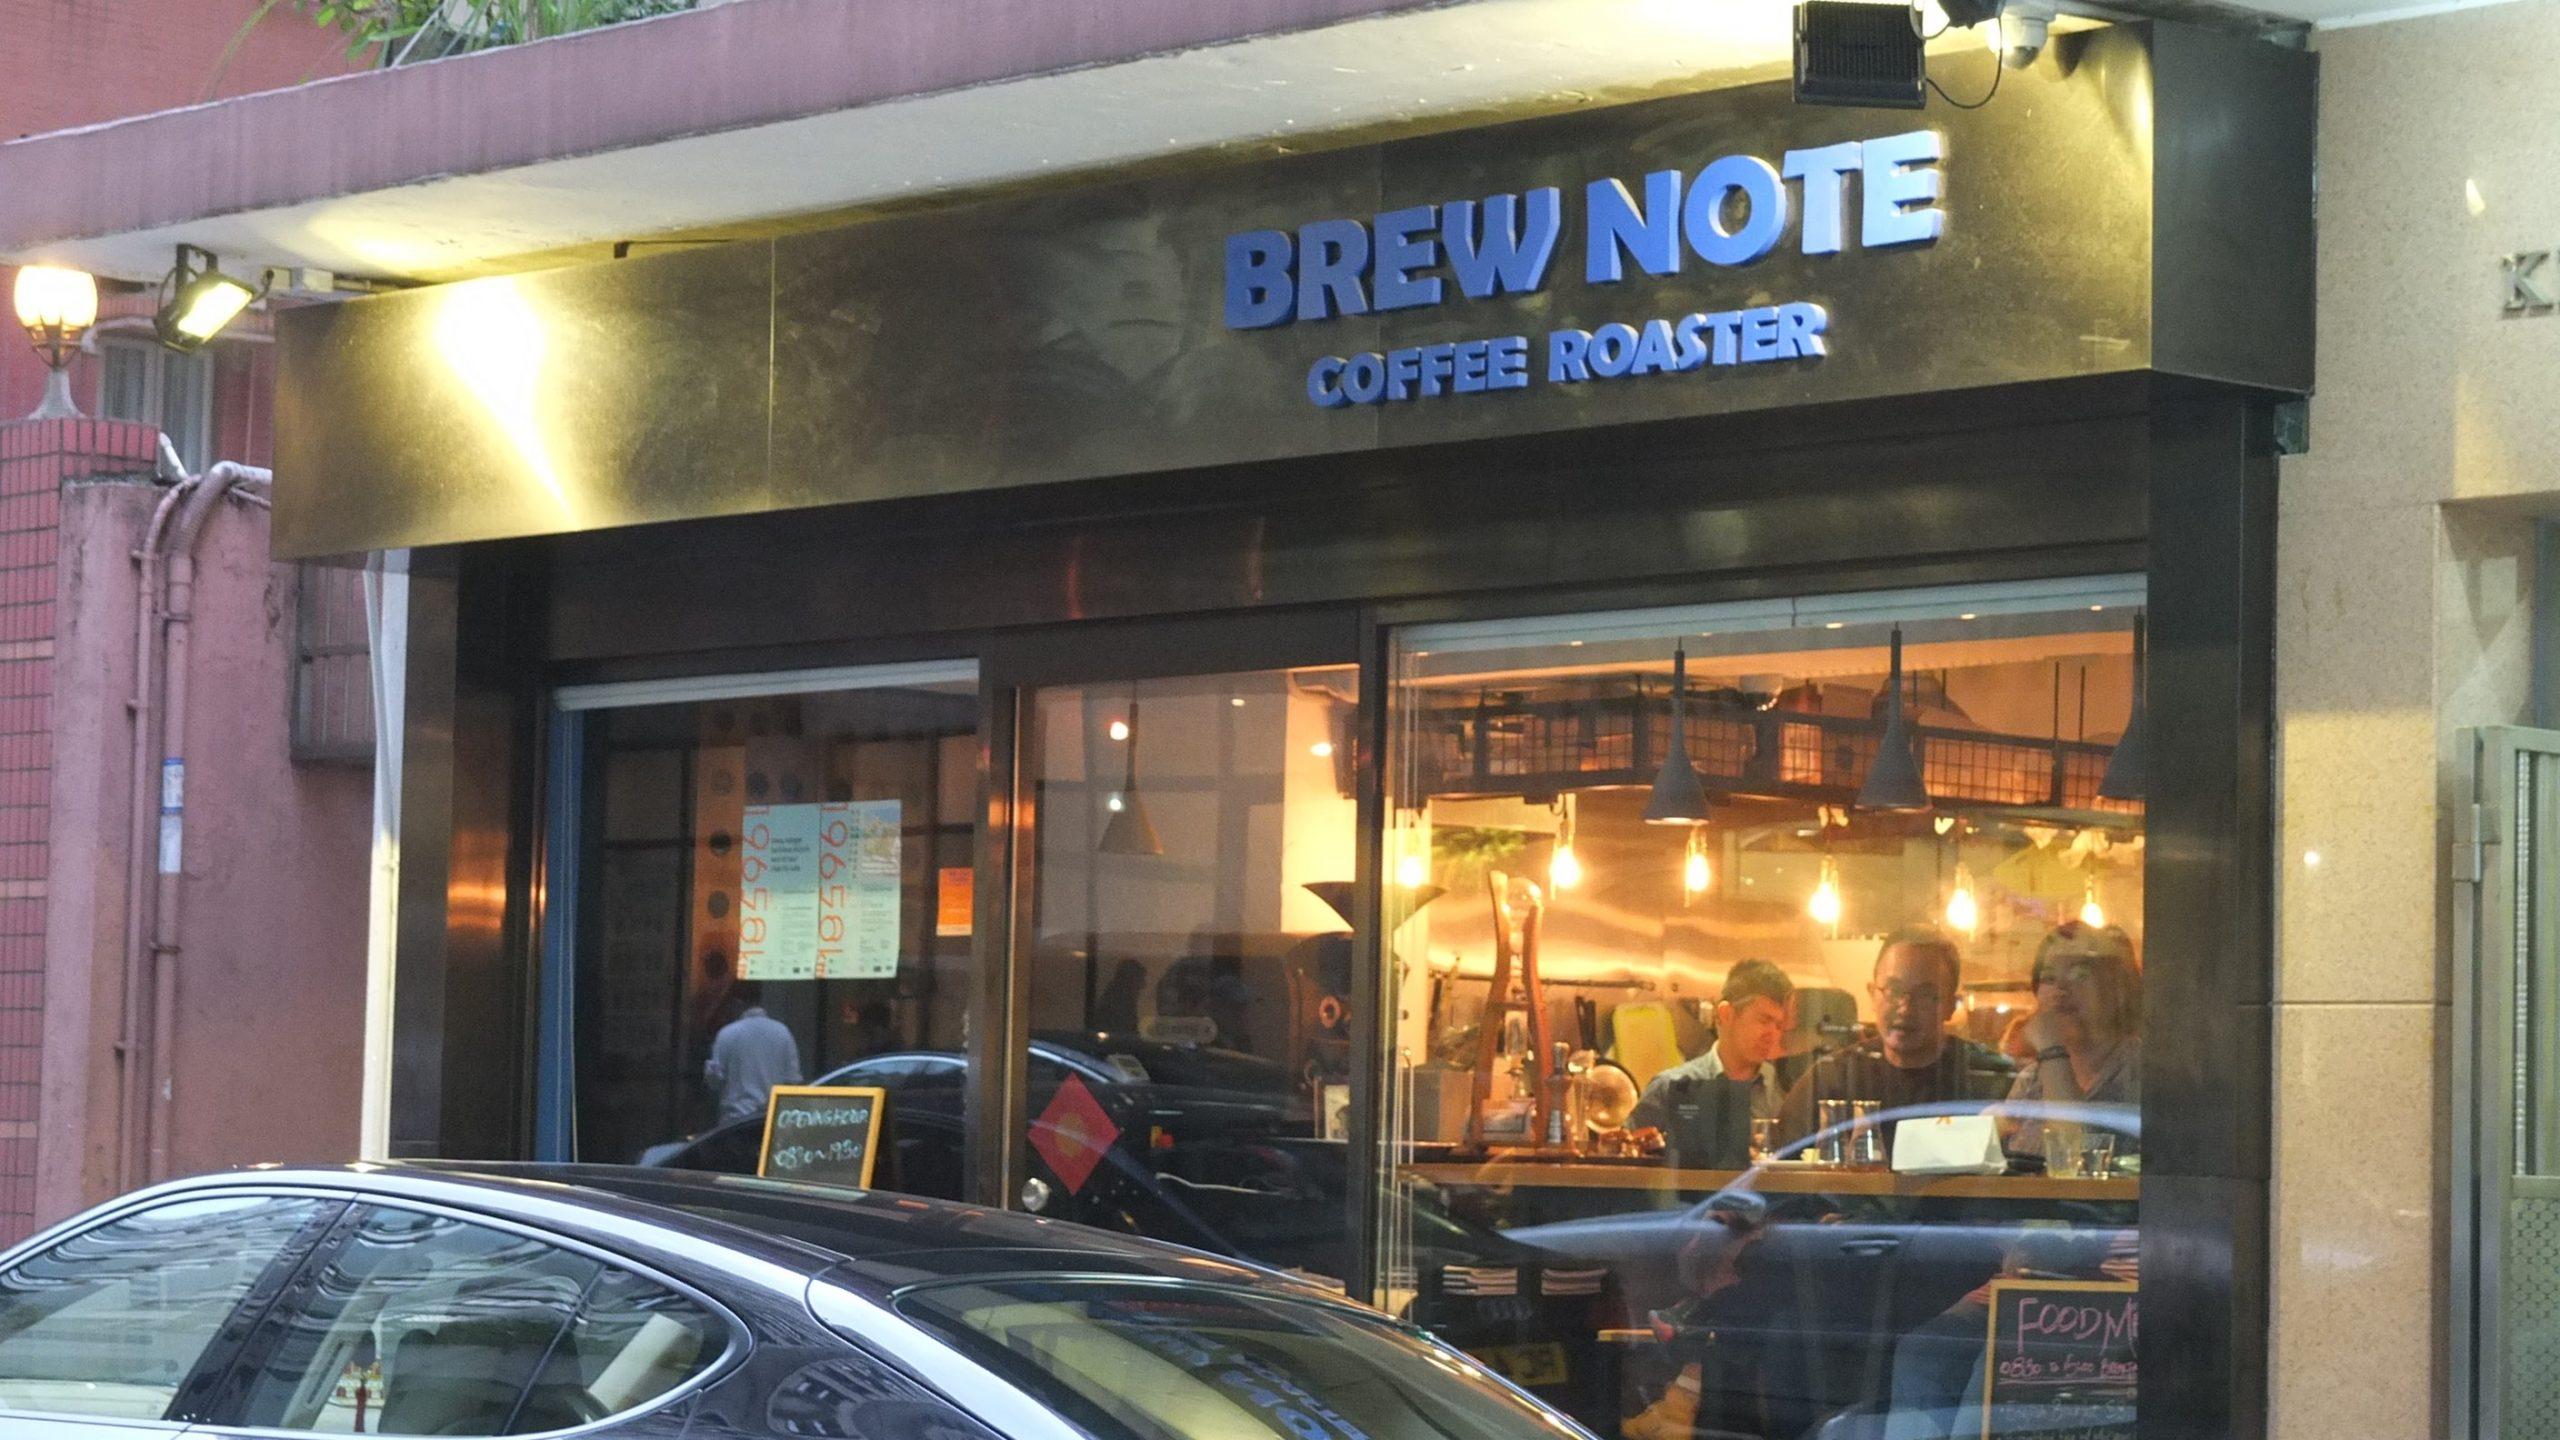 [北角] Brew Note Coffee Roaster:專業級精品咖啡店,手沖咖啡精心泡製